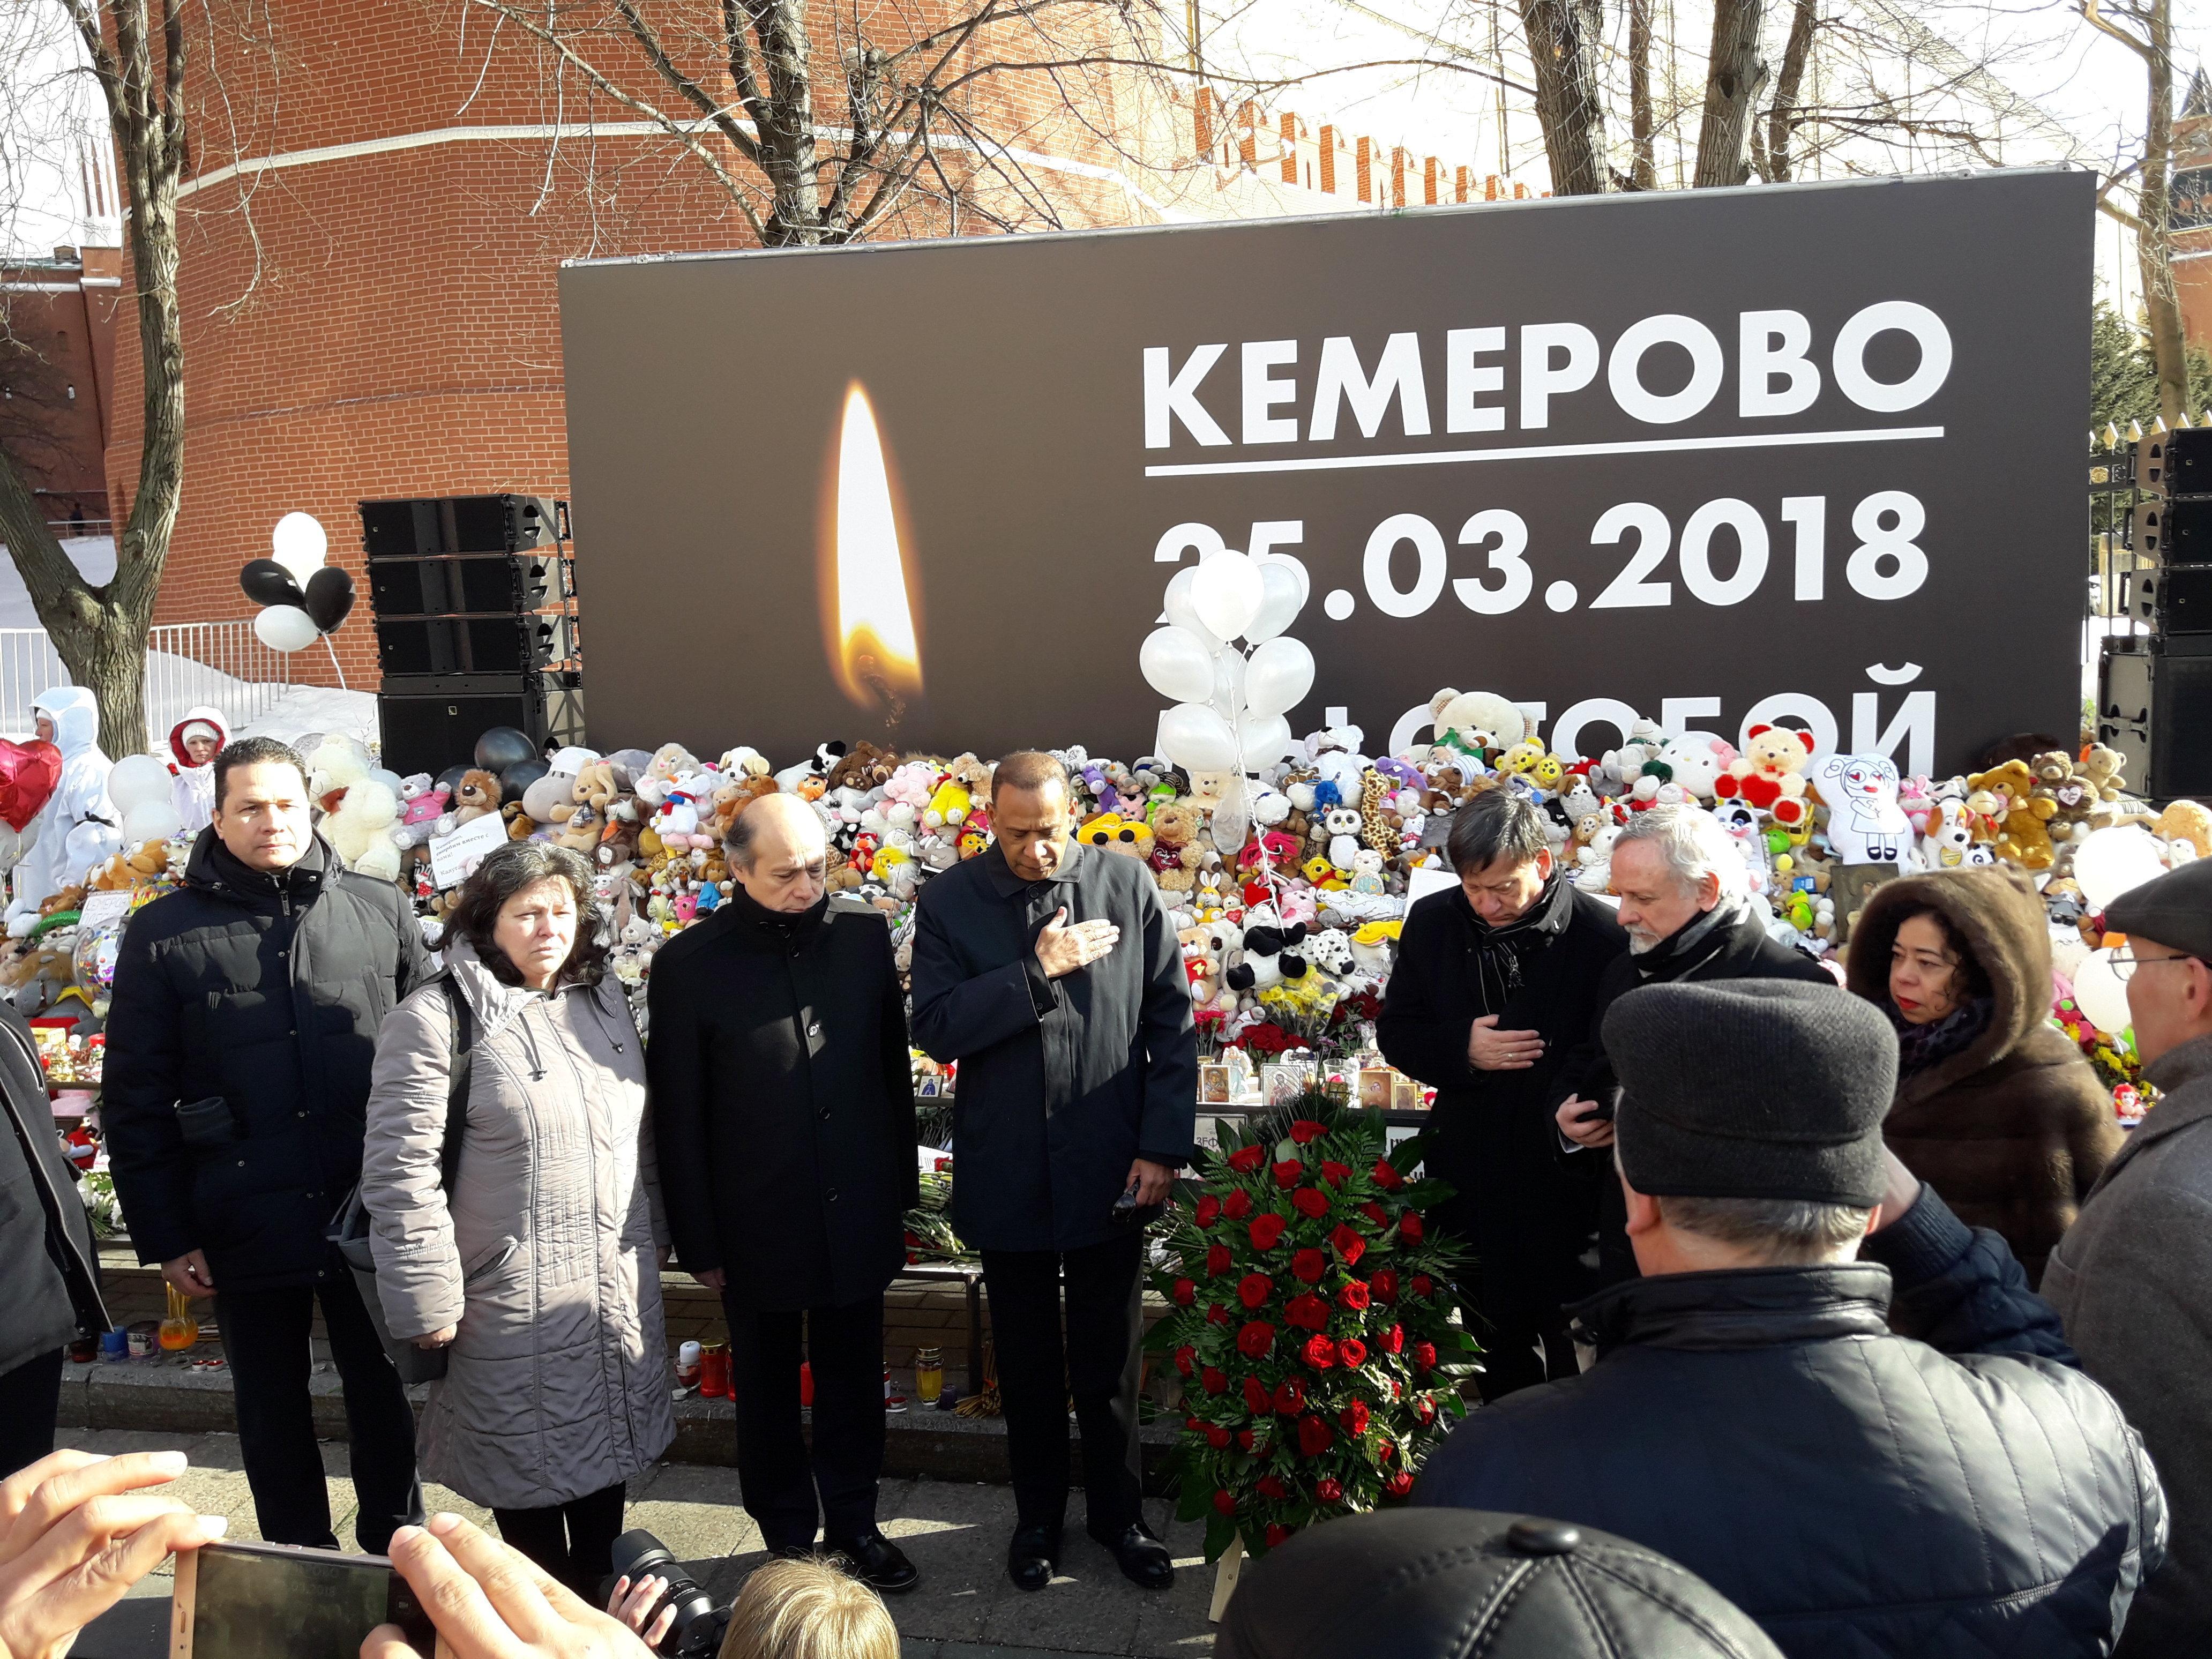 Panamá se solidariza con Federación de Rusia tras incendio de Kémerovo